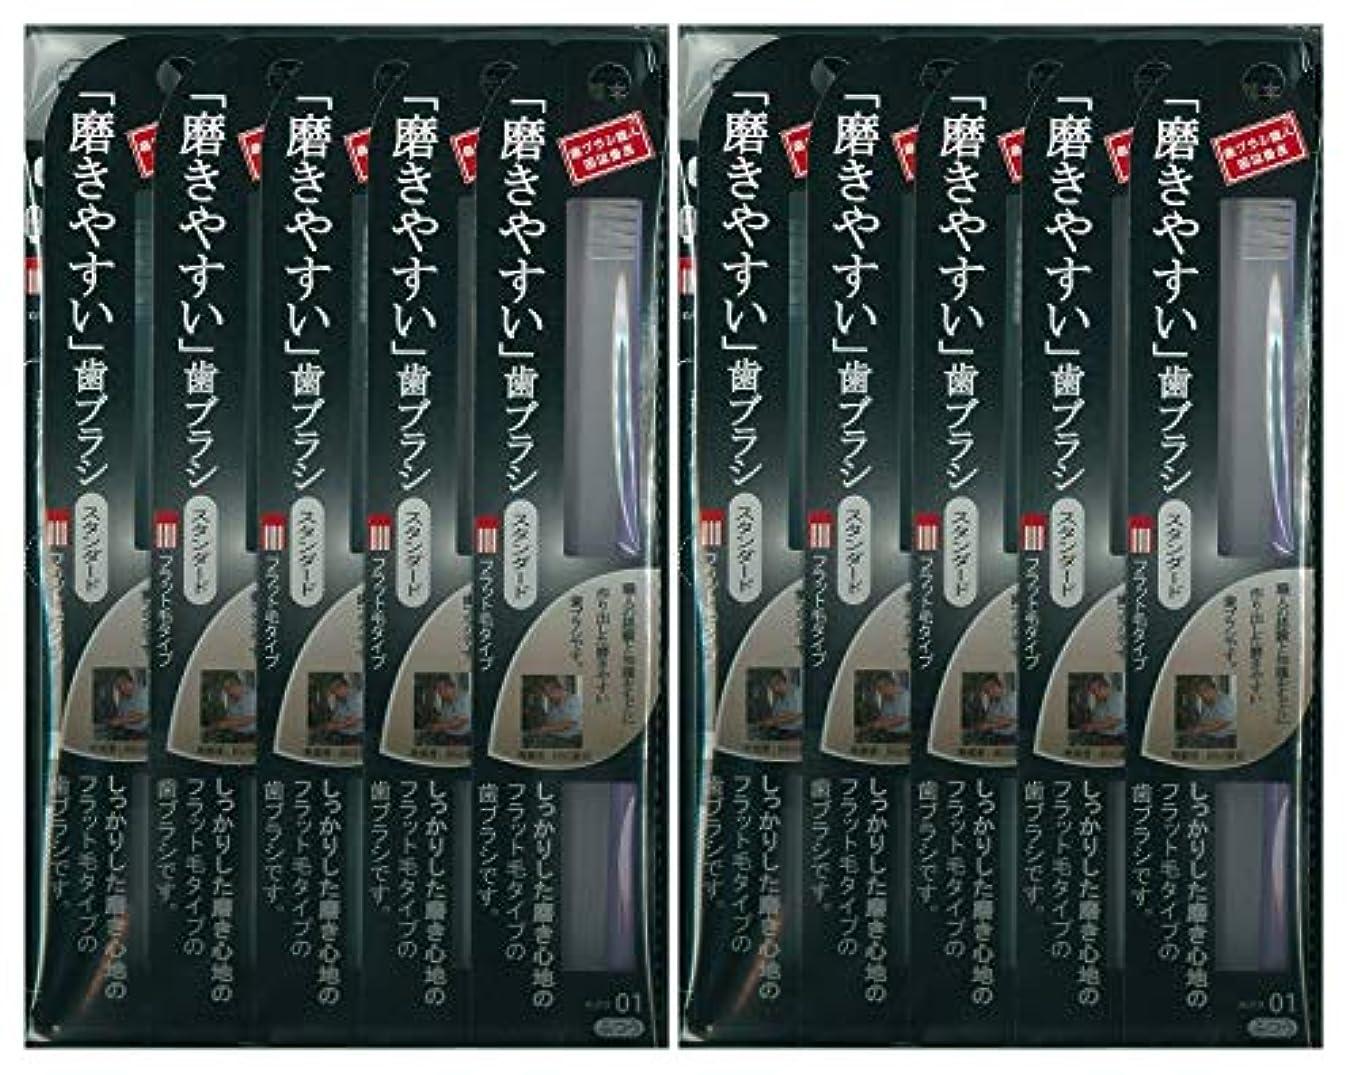 主権者満足に慣れ歯ブラシ職人 田辺重吉考案 磨きやすい歯ブラシ ふつう (フラット) LT-01 1本入×24本セット